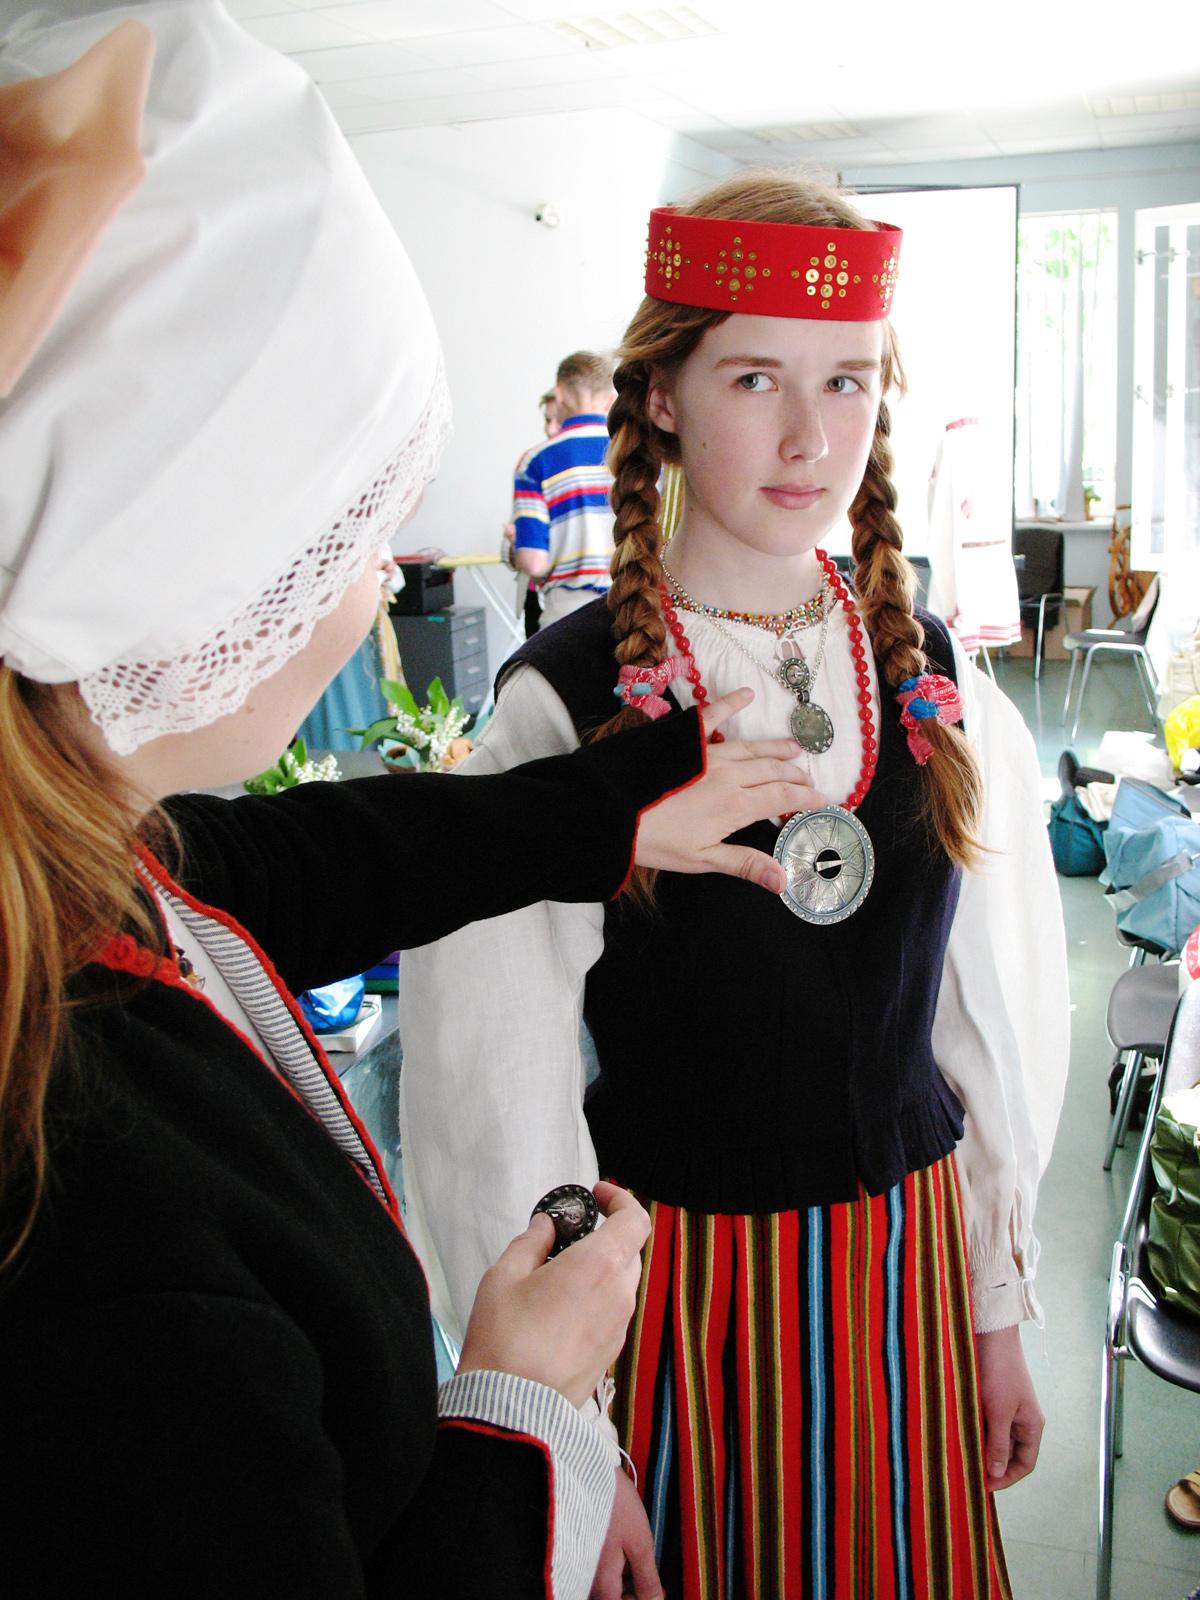 0492cea58a1 Neiurõivad Äksist. Ema aitab tütrel ehteid sättida. Foto Kristjan Raba 2007